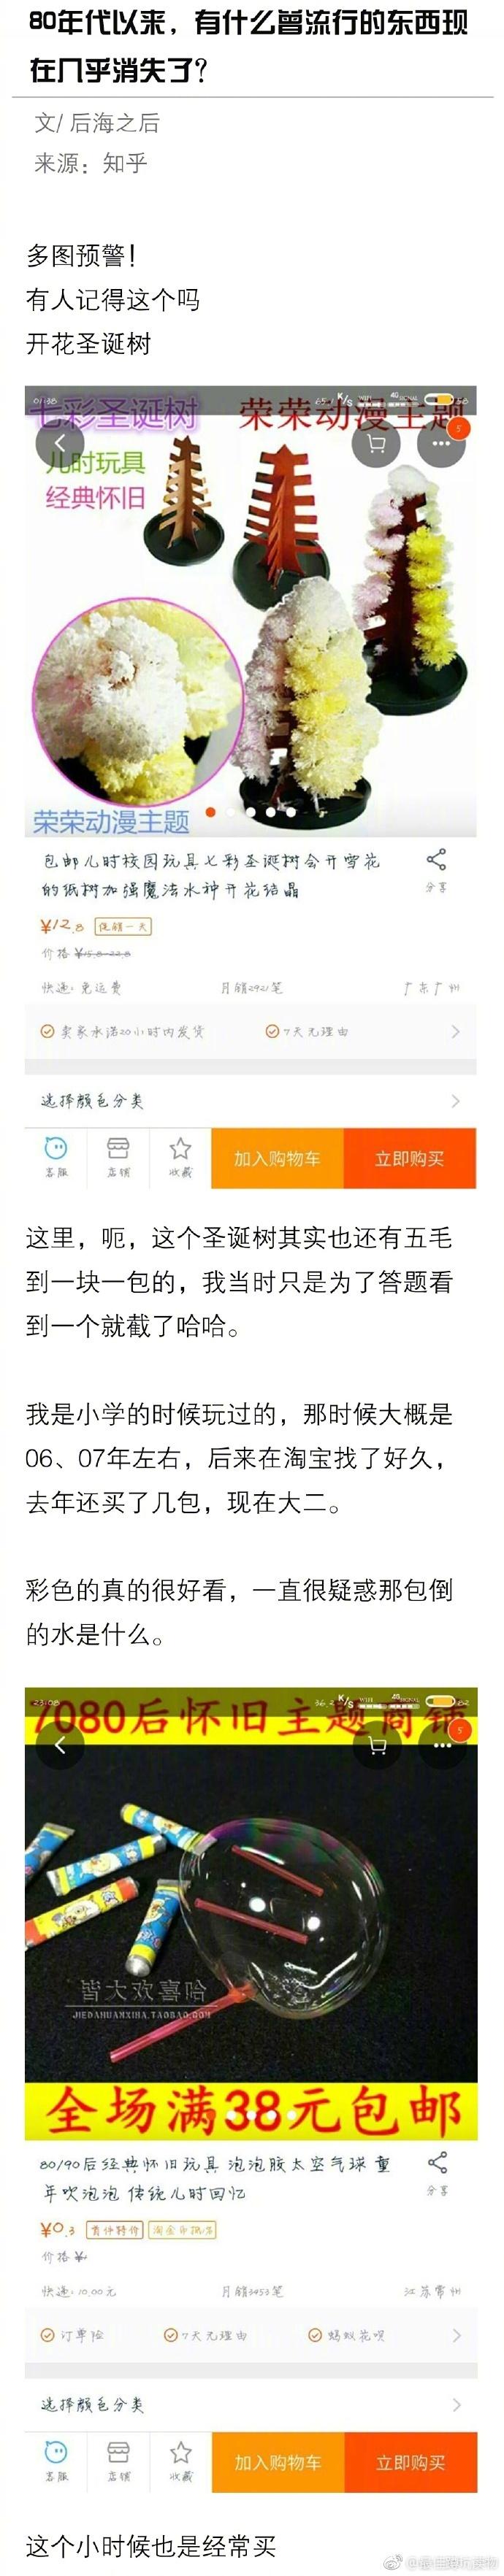 2018 青年福利微刊第 302 期:悲伤少年